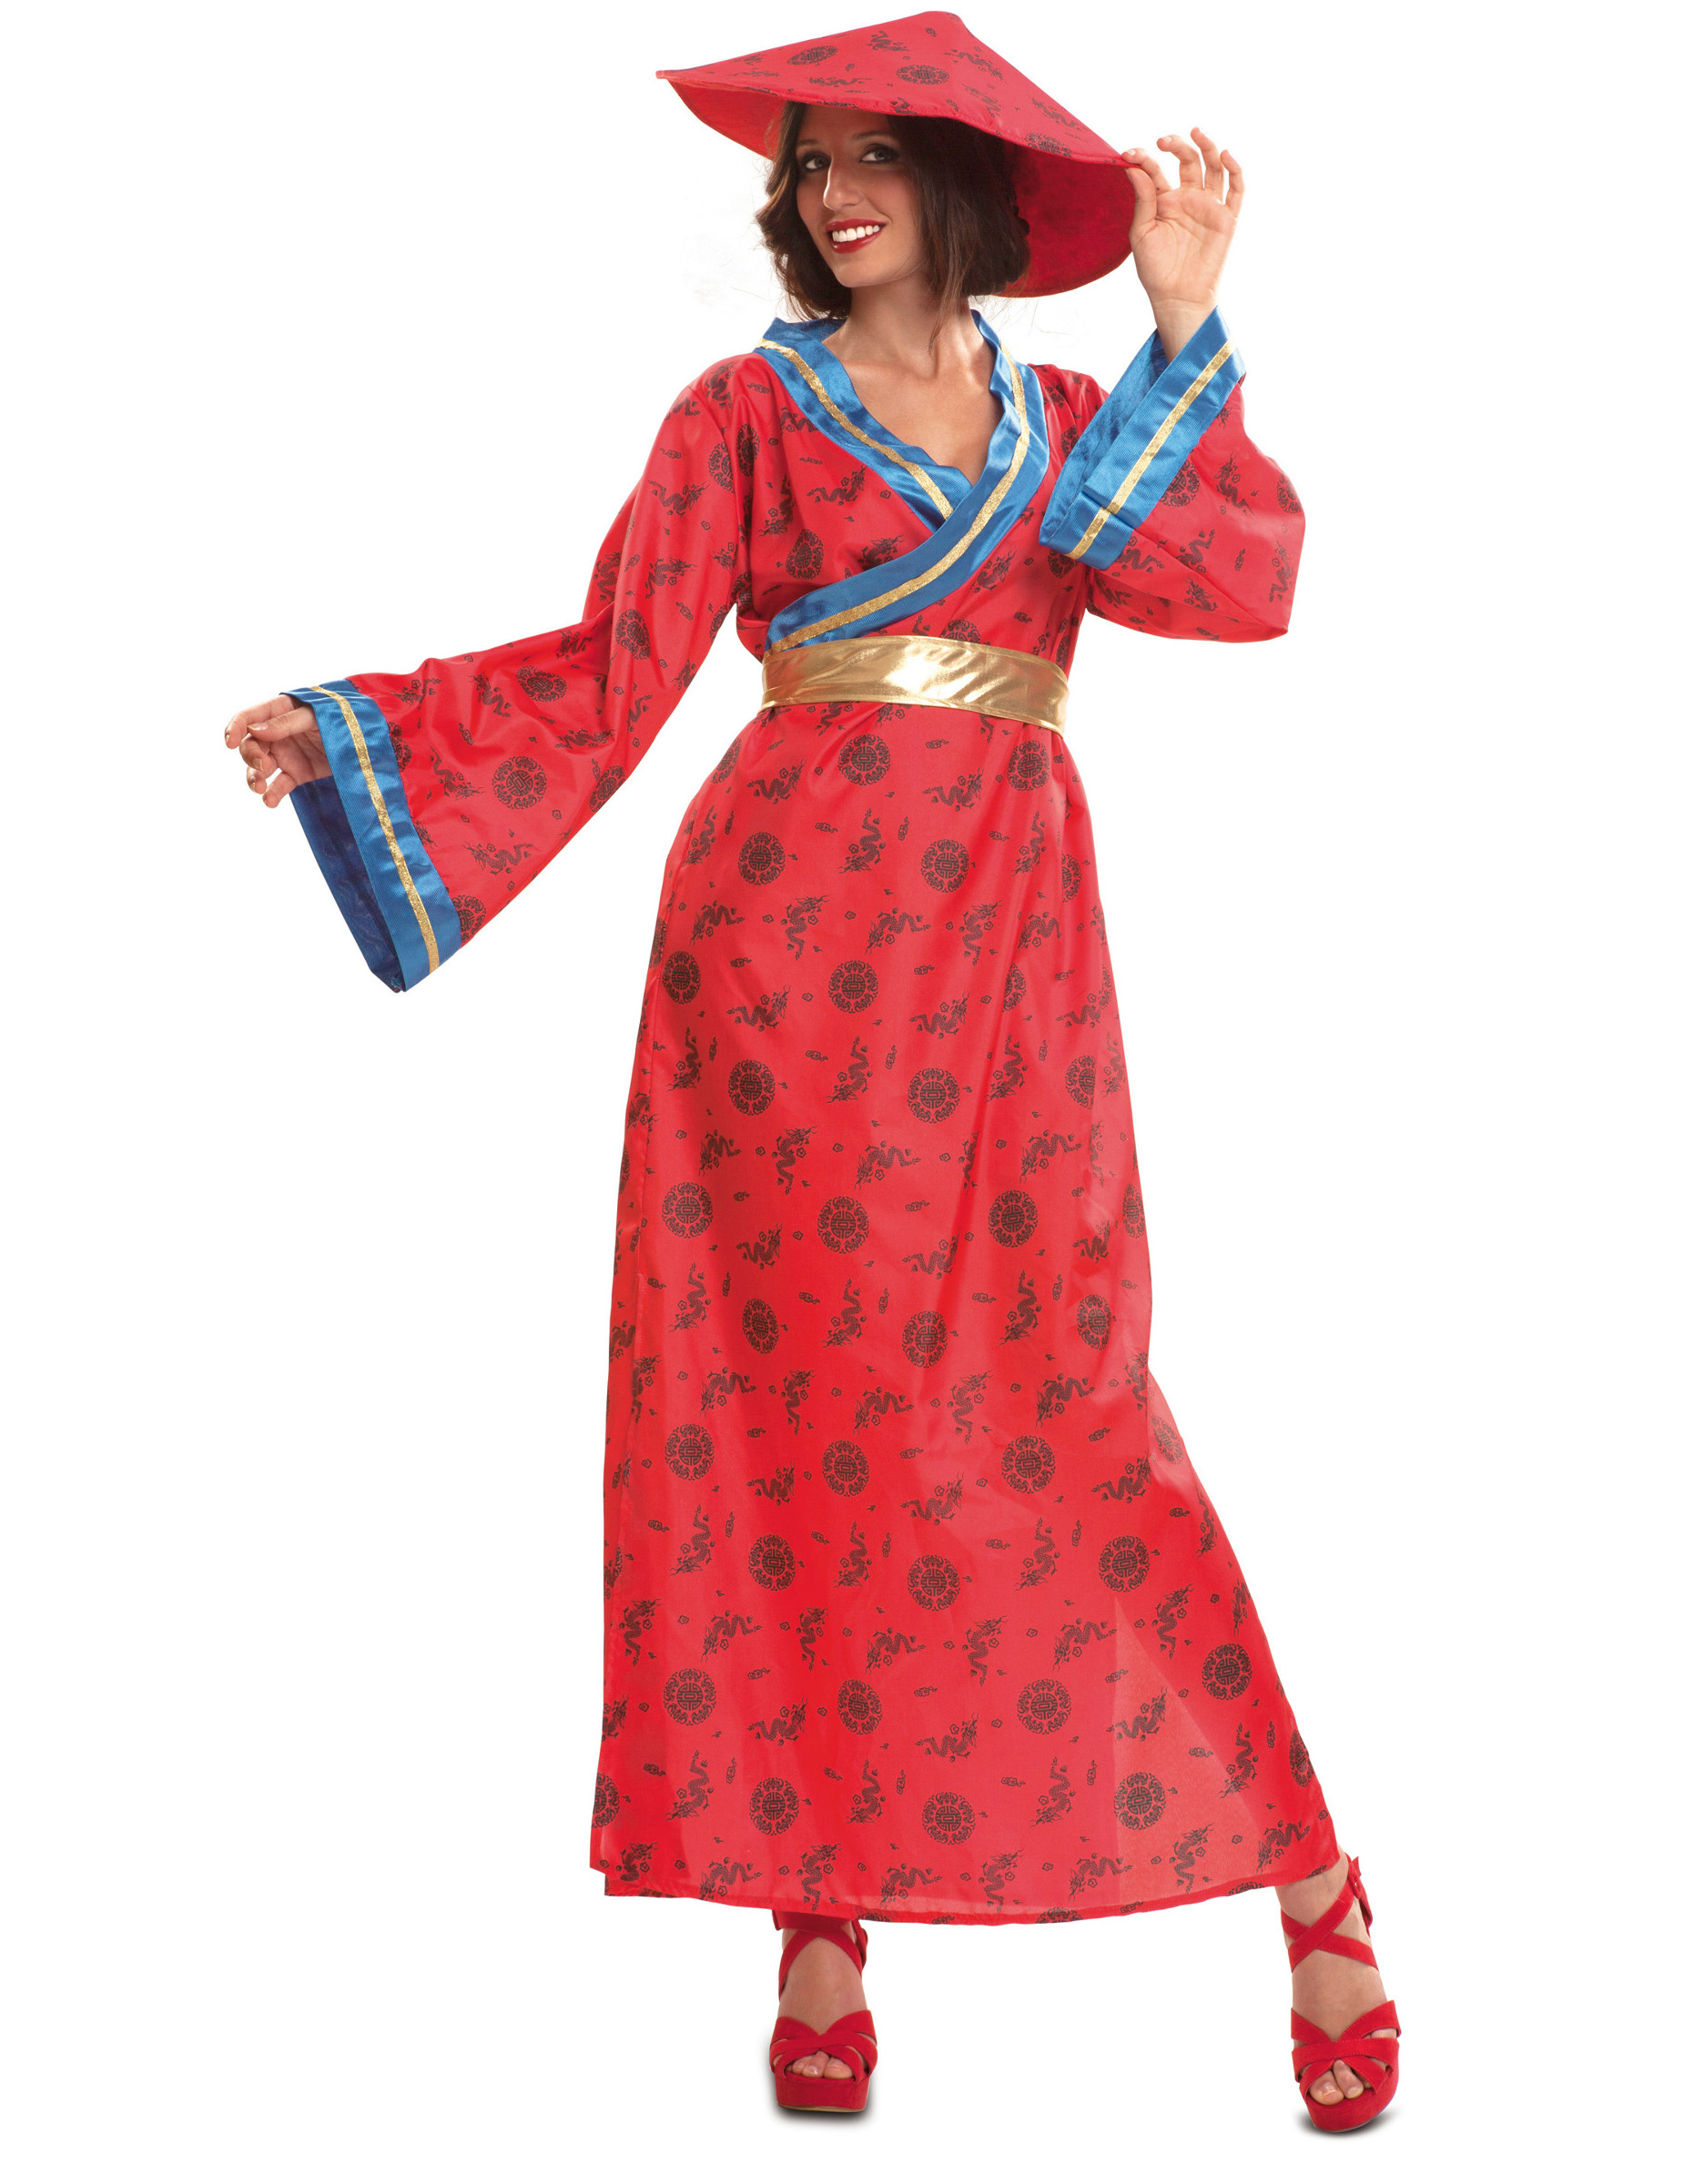 Chinesen kostüm für Damen rot - XXL 272813